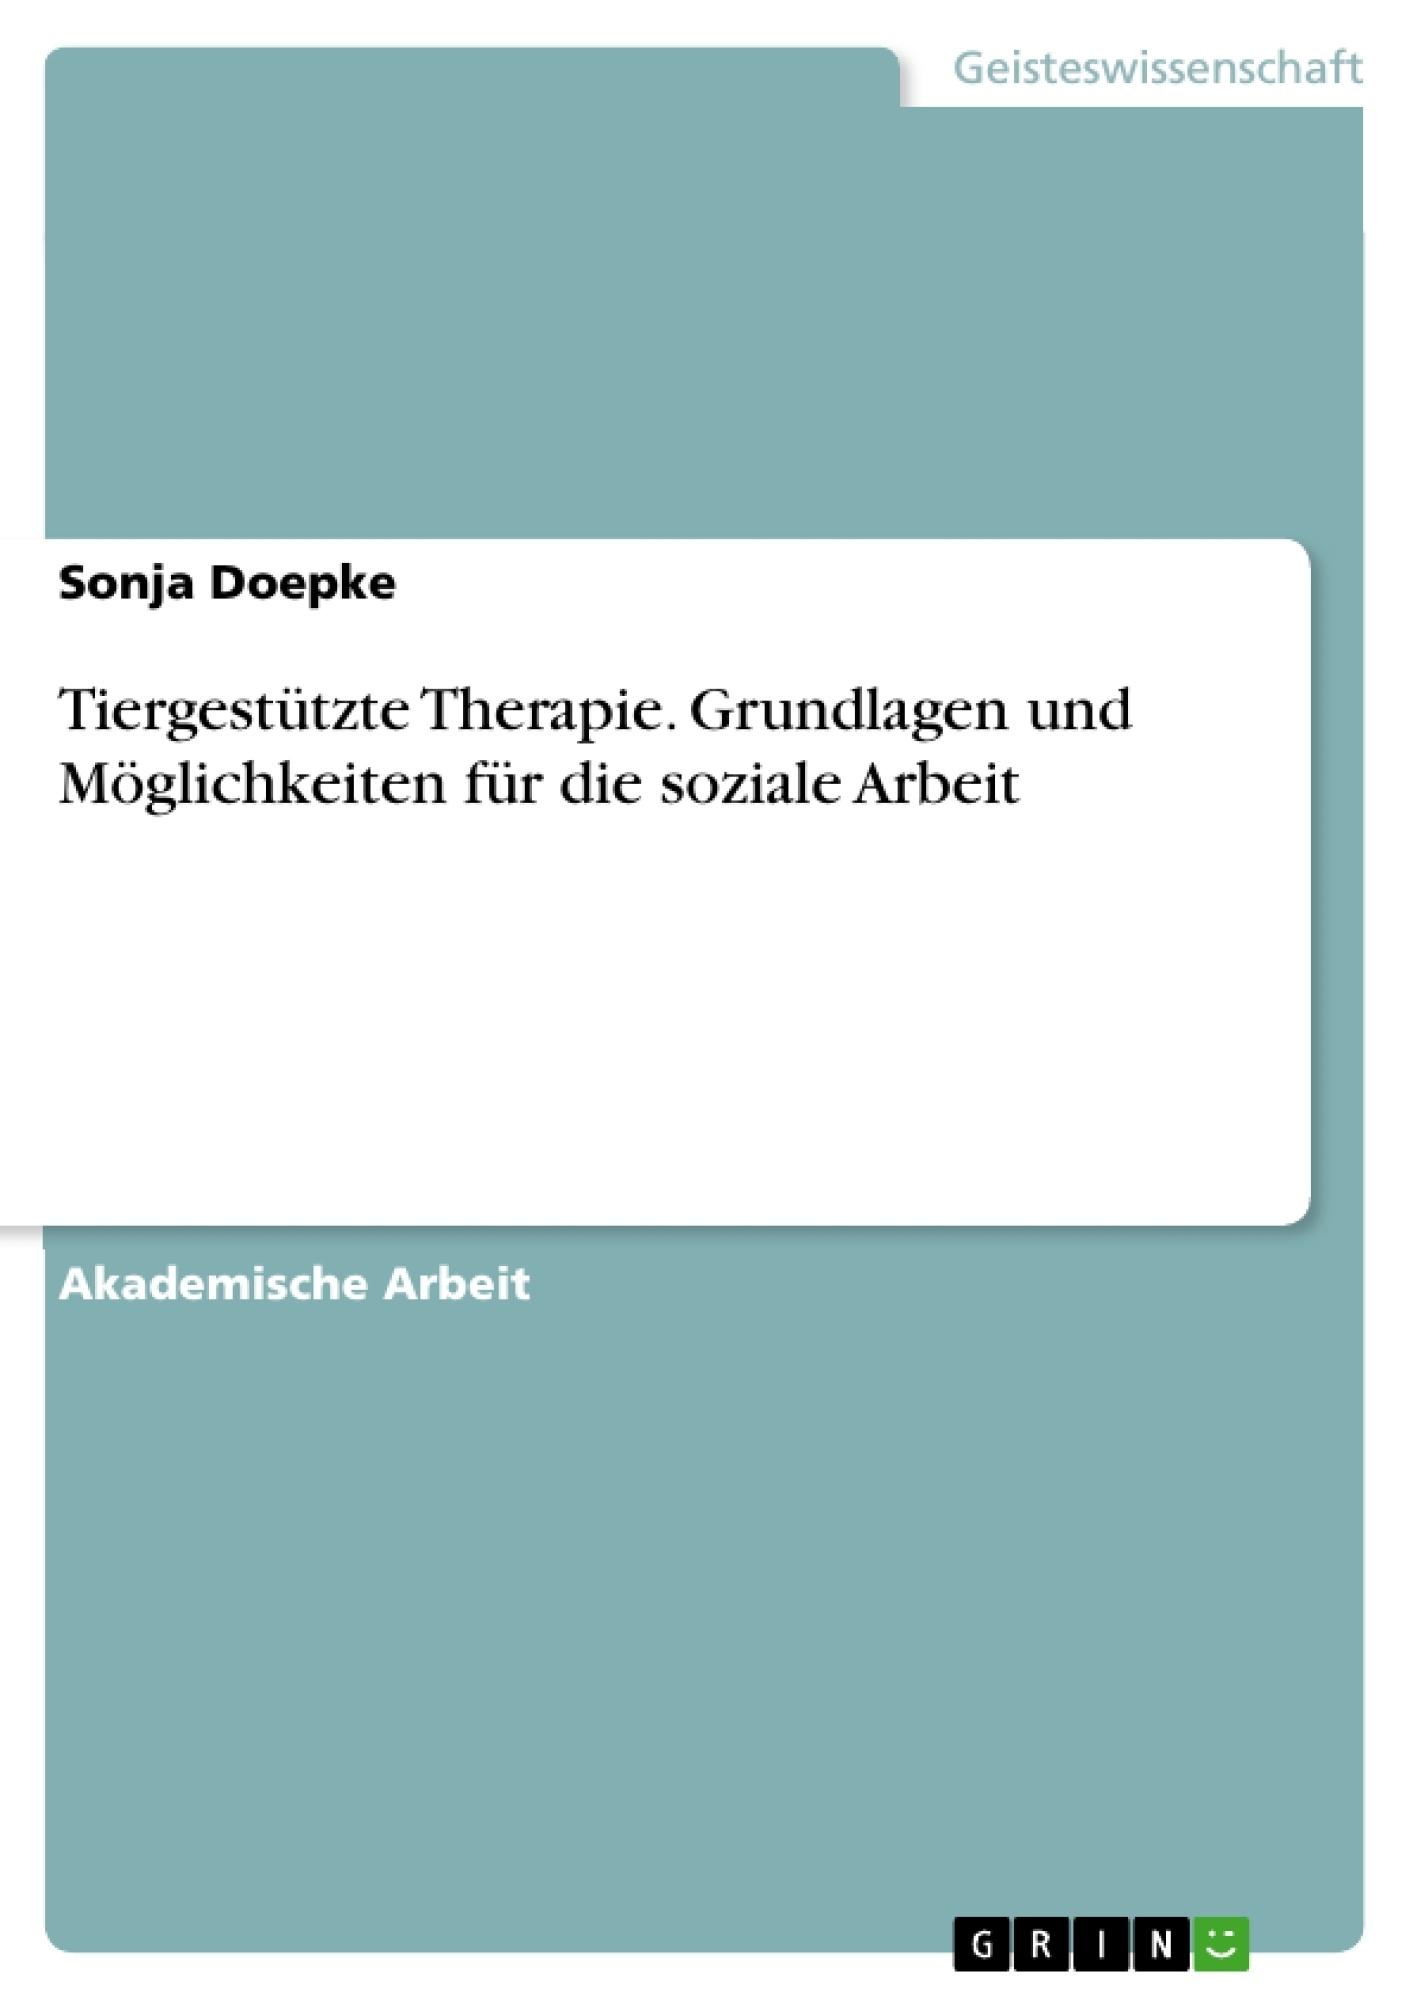 Titel: Tiergestützte Therapie. Grundlagen und Möglichkeiten für die soziale Arbeit